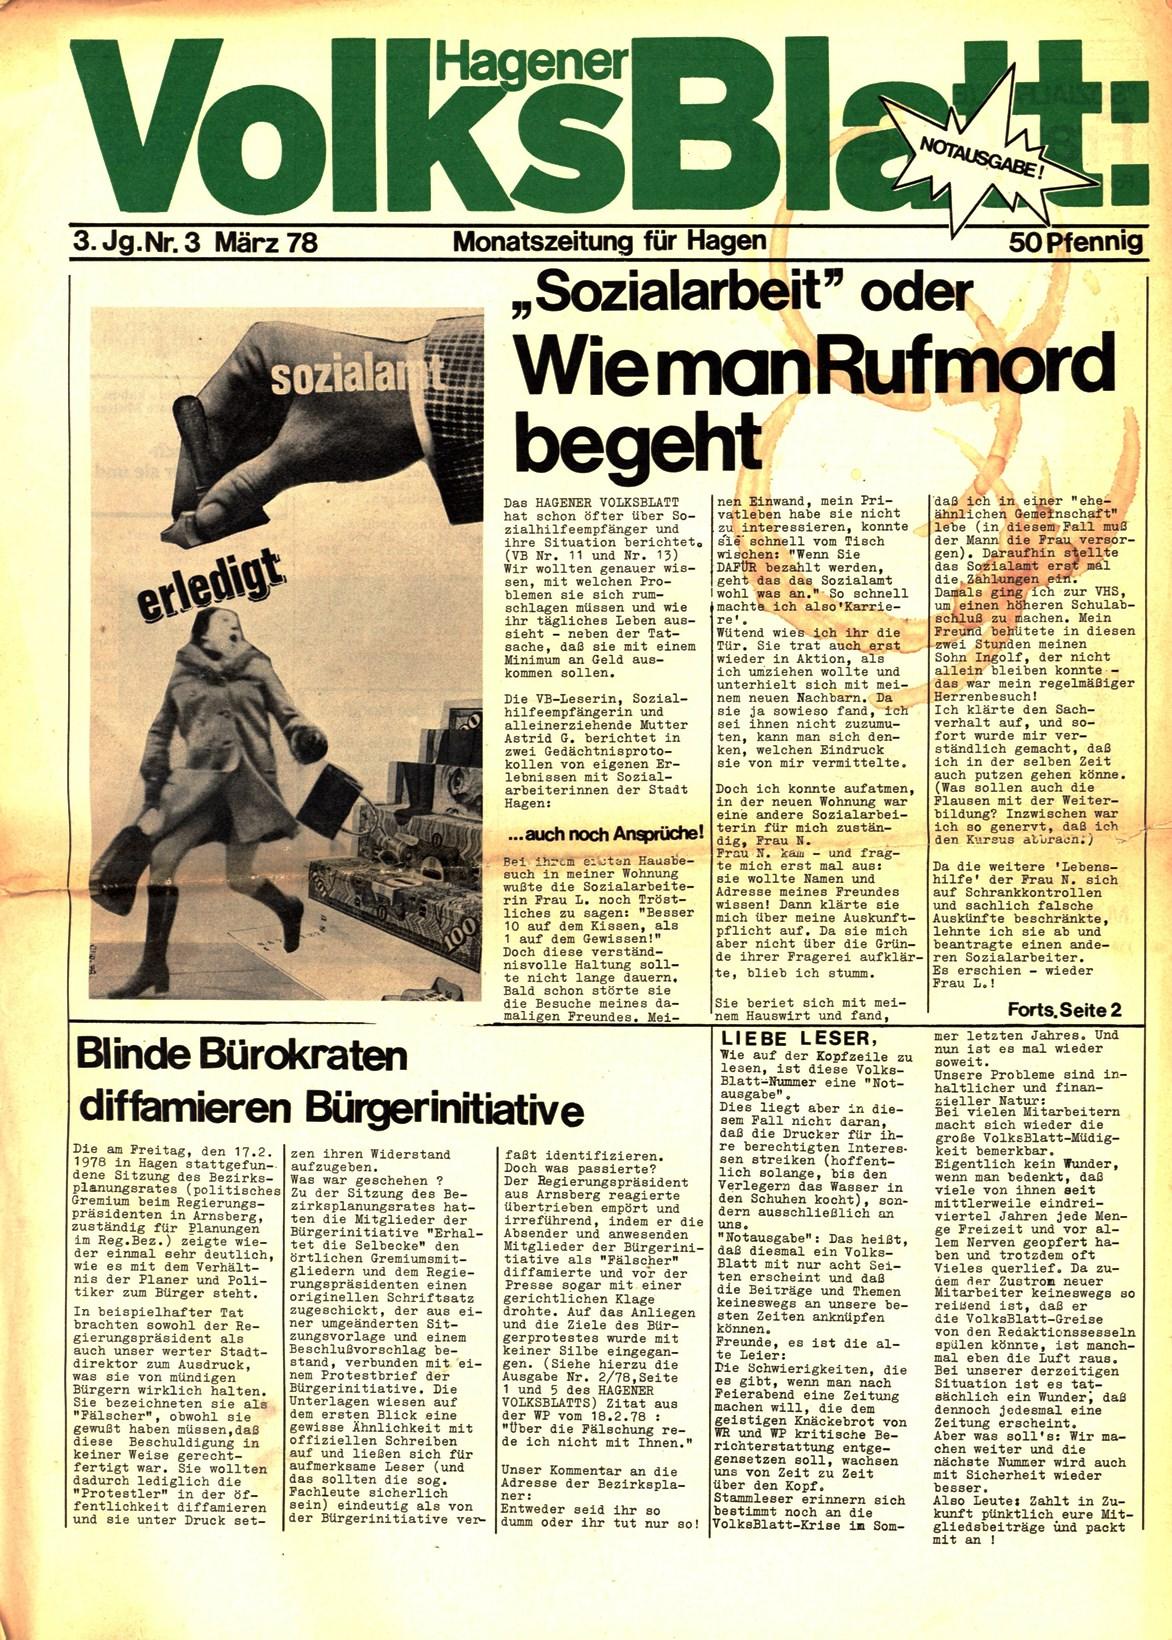 Hagen_Volksblatt_19780300_01